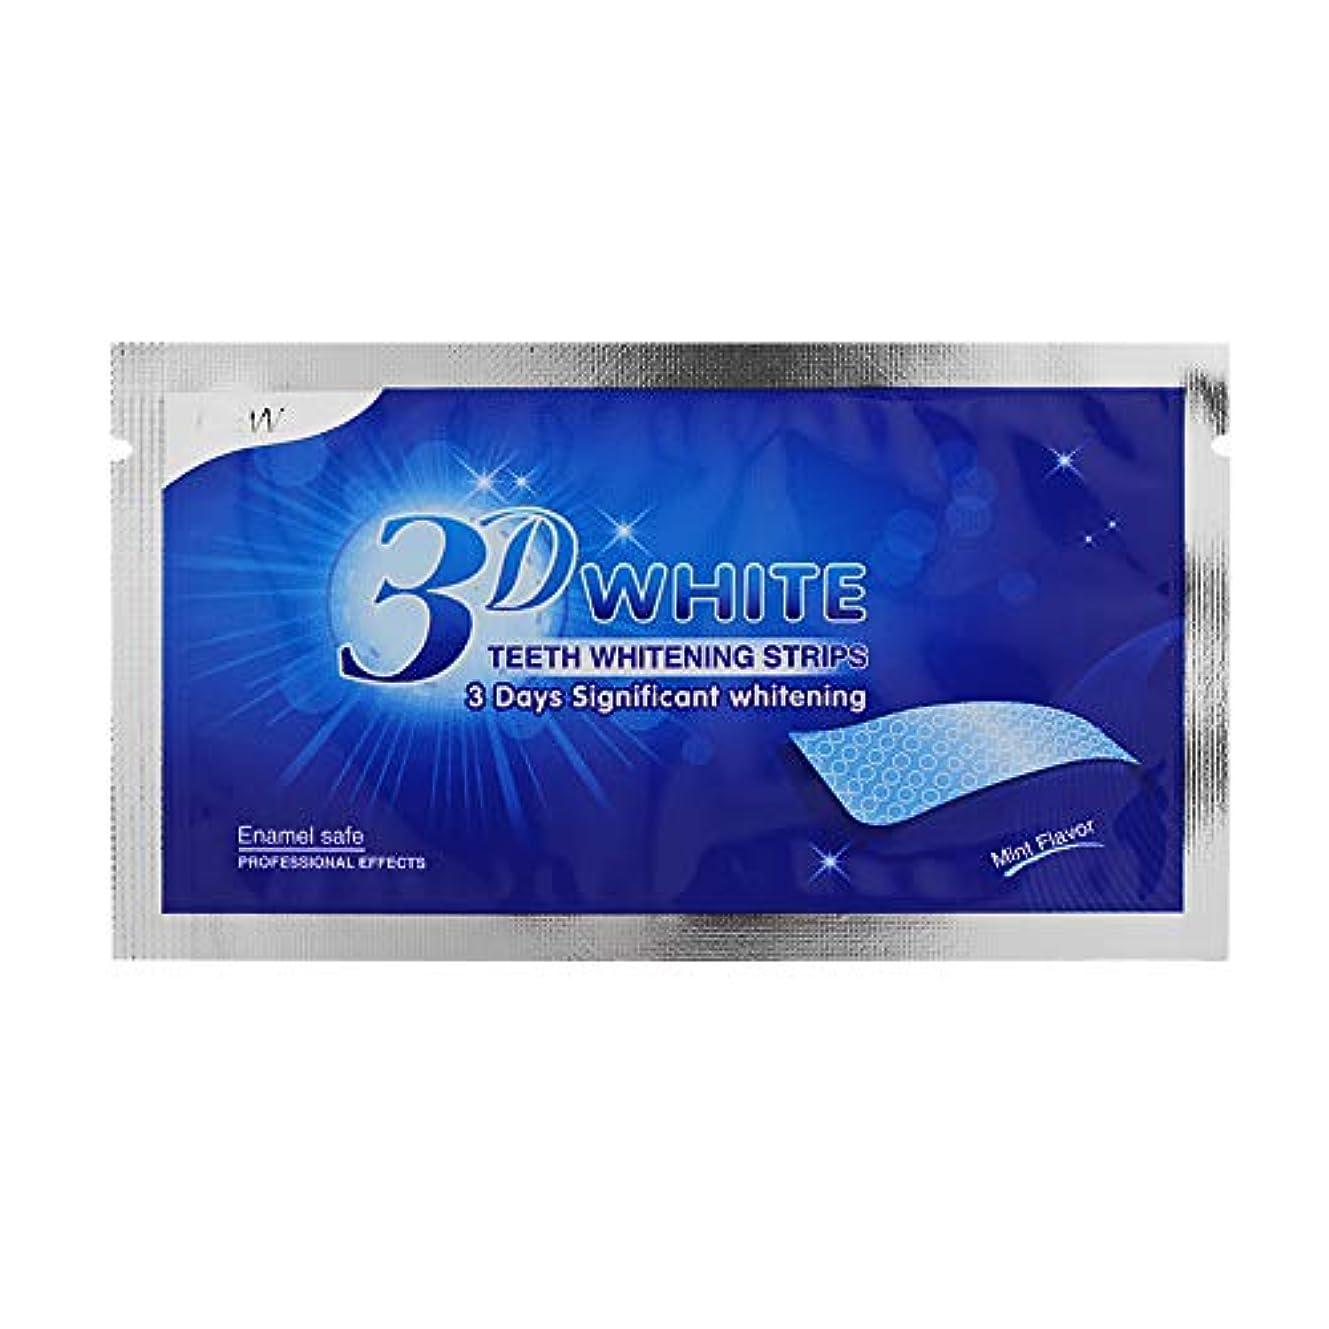 ポーク懐疑的糞Decdeal 歯美白ホワイトニング 1ピース 歯科ホワイトニングツール ホワイトニング 歯ケア テープ